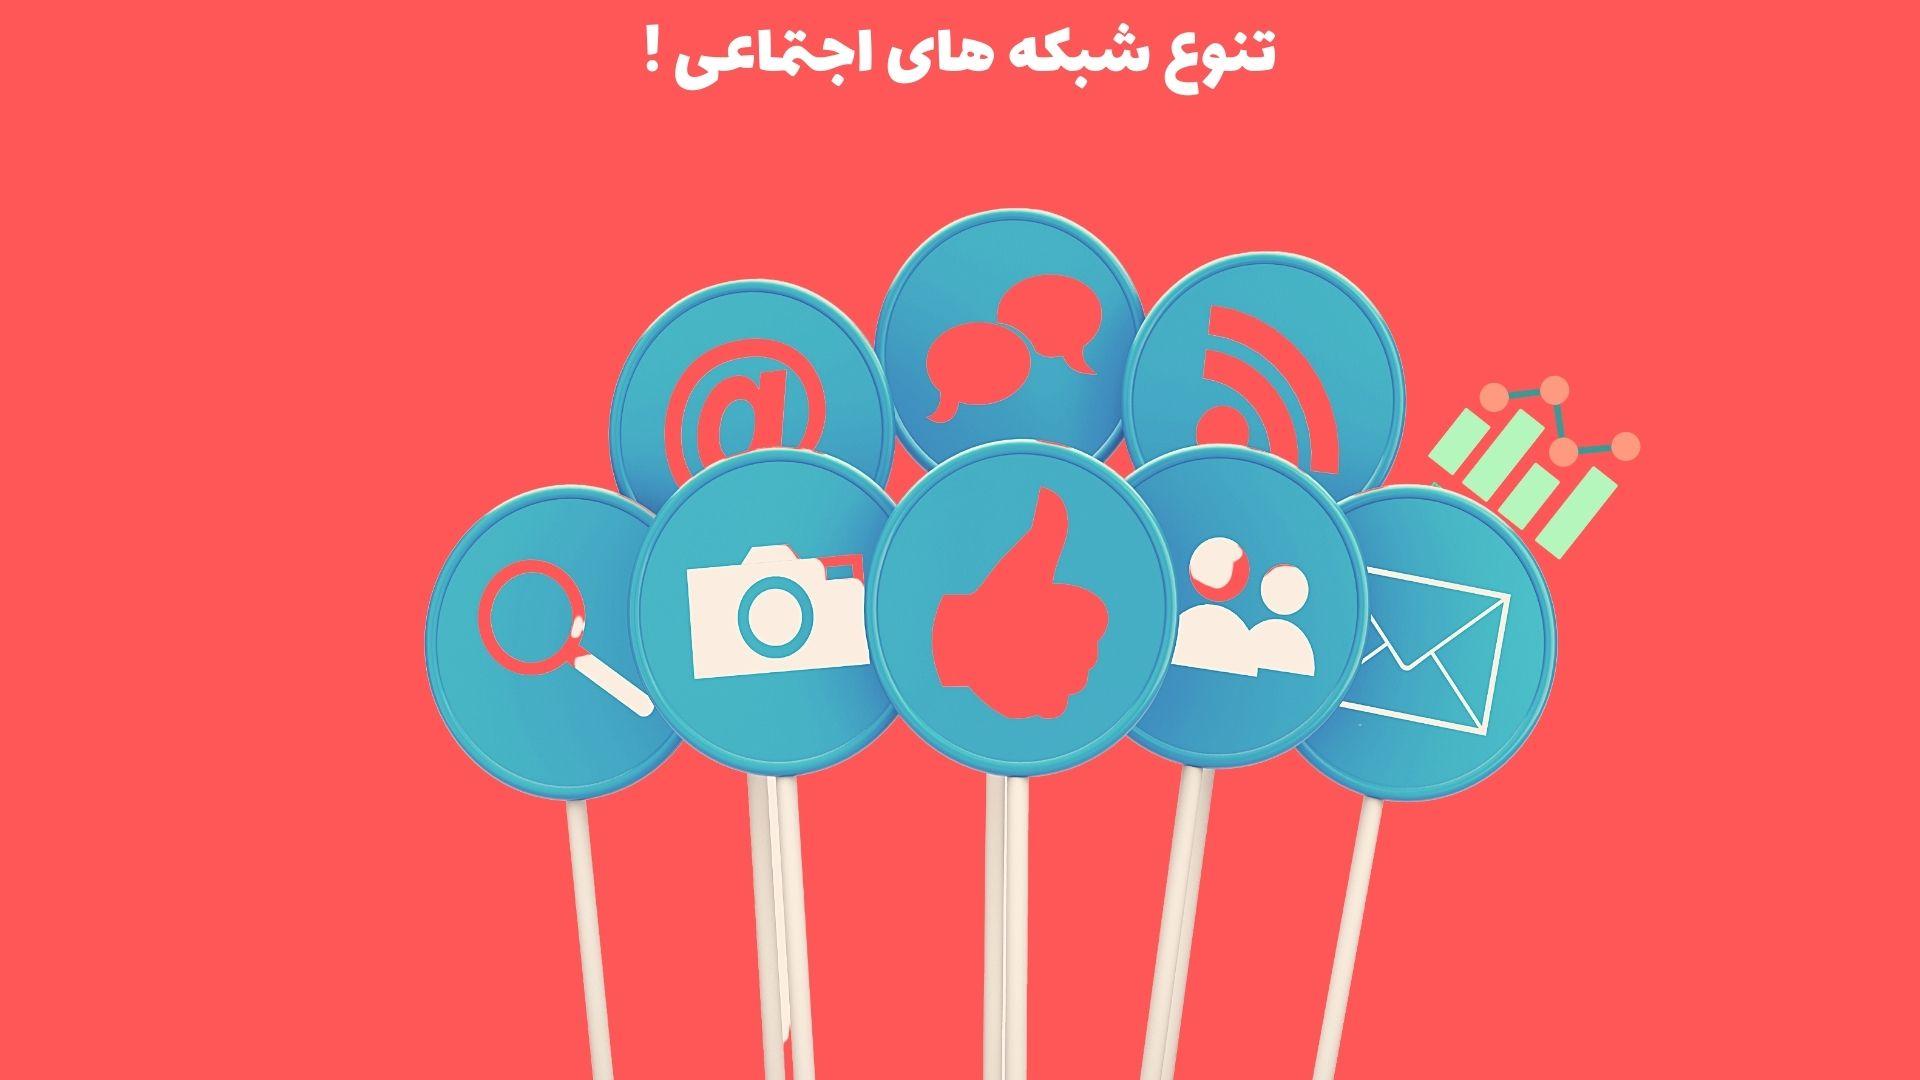 تنوع شبکه های اجتماعی !